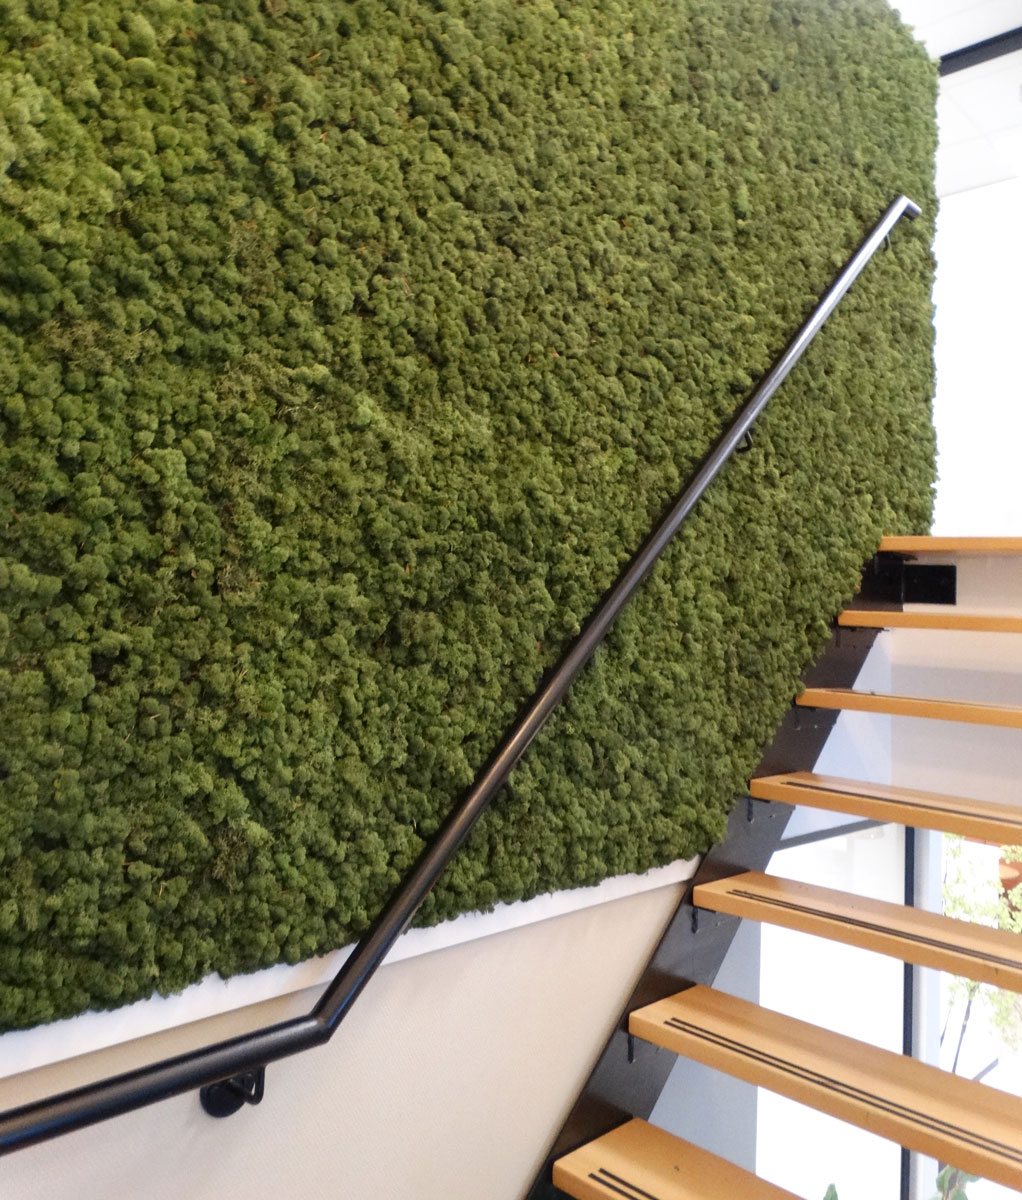 Living green entree kantoor Hengelo